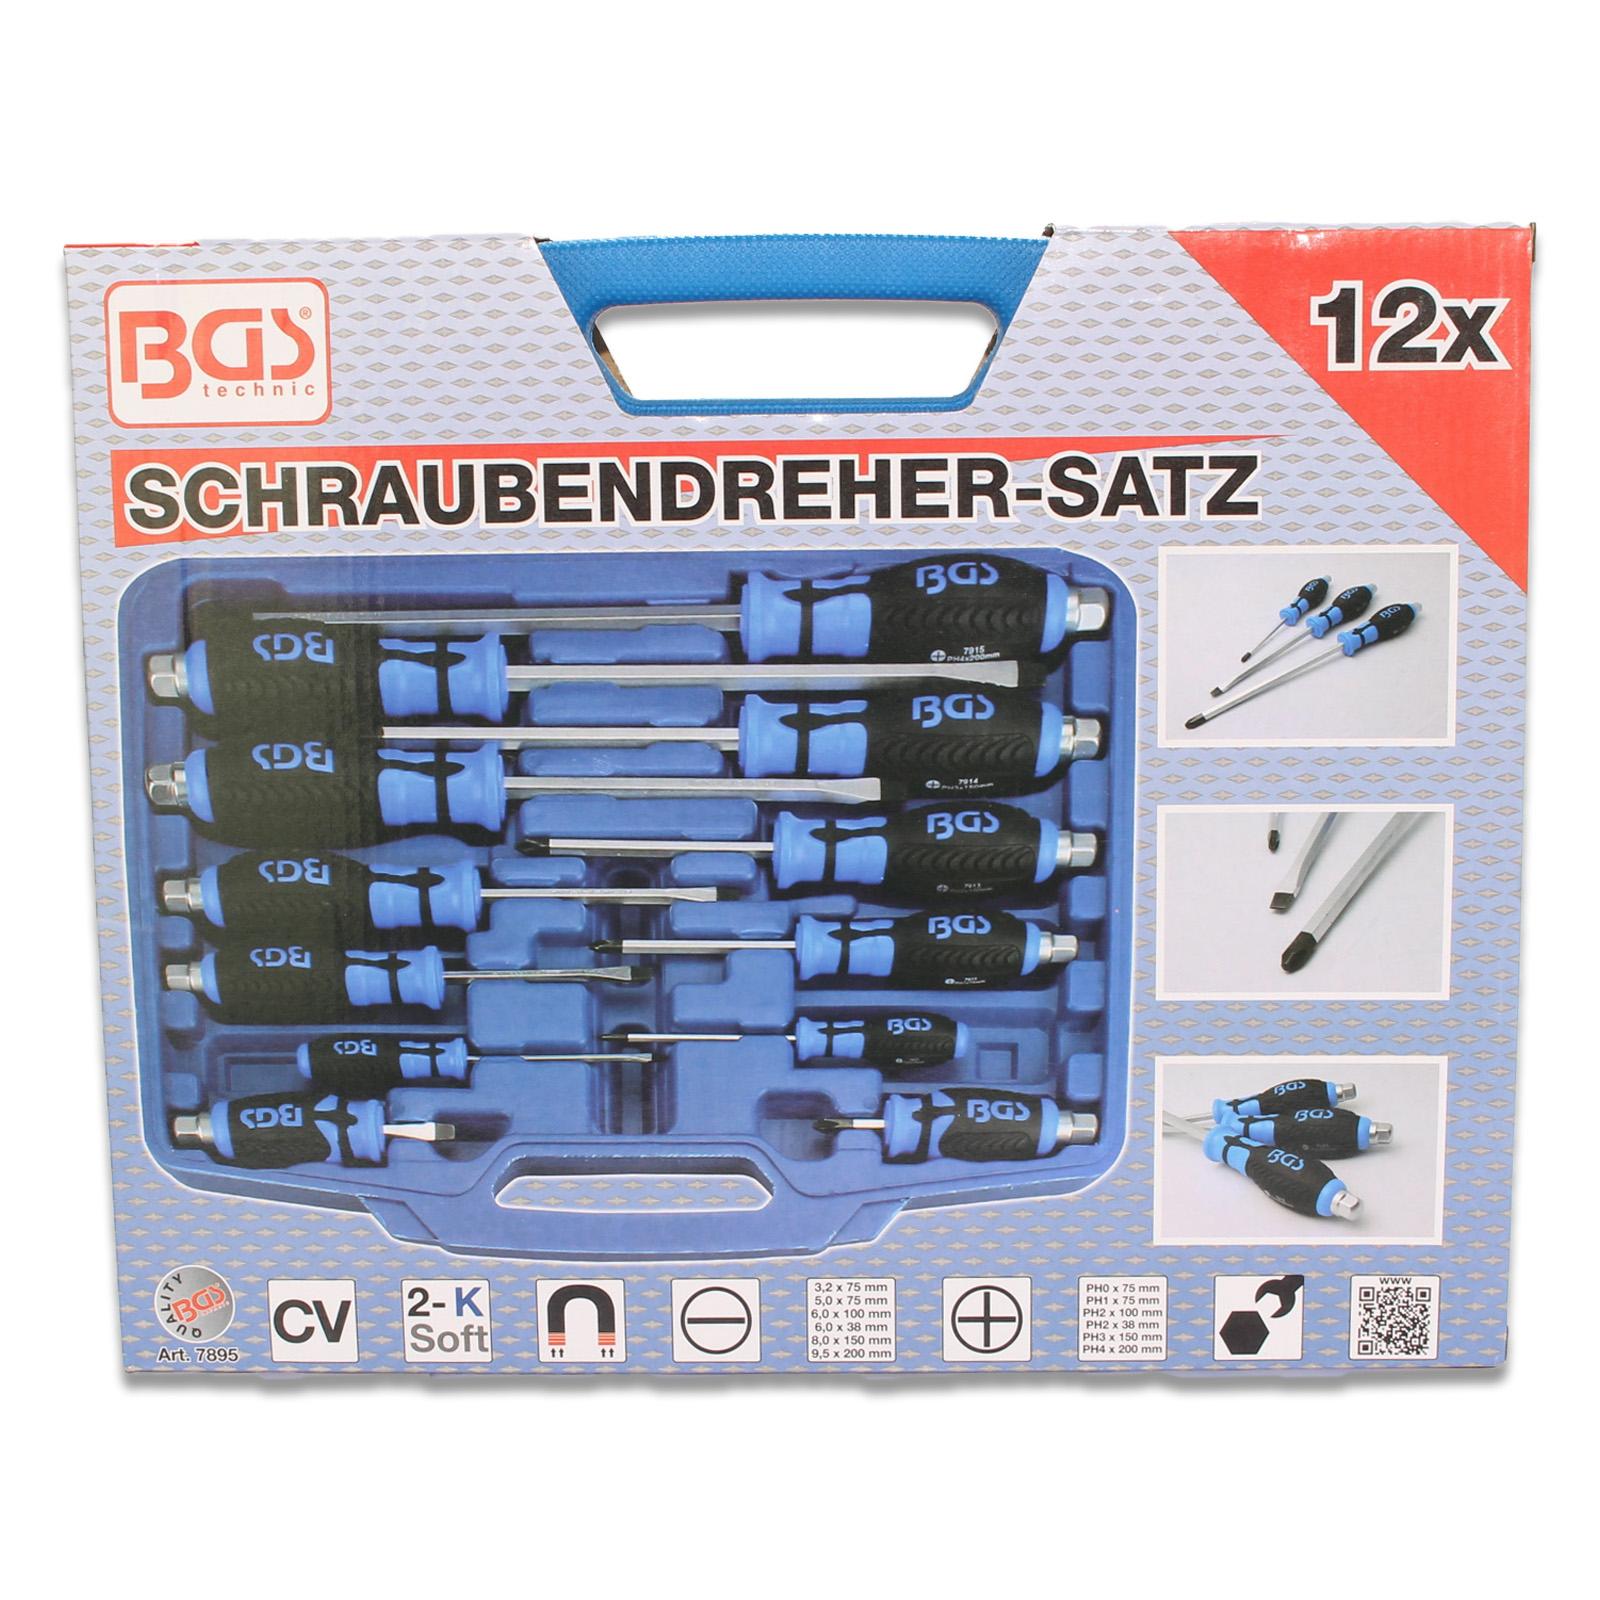 BGS Schraubendrehersatz Kreuz- und Schlitzdreher